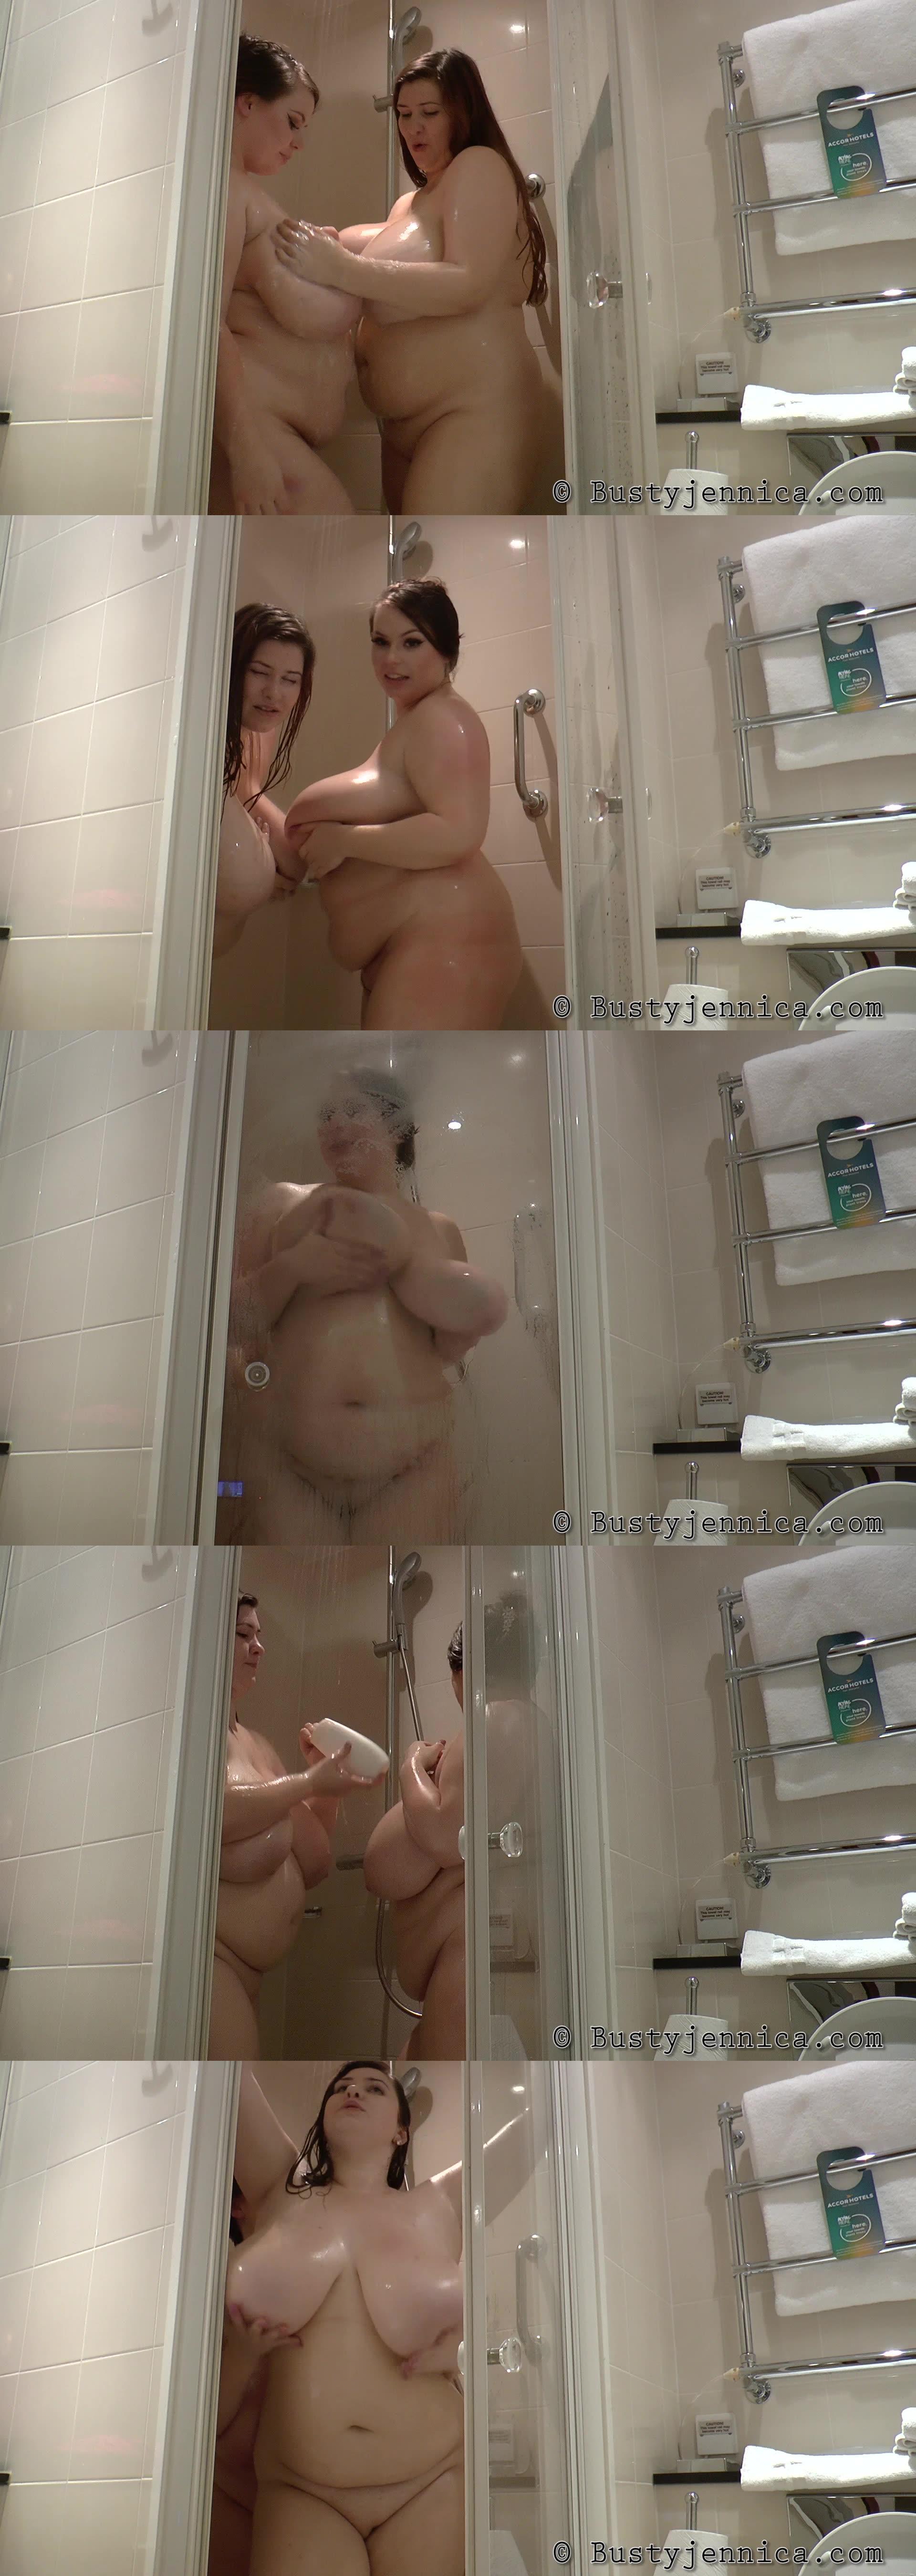 Jennica porn pics